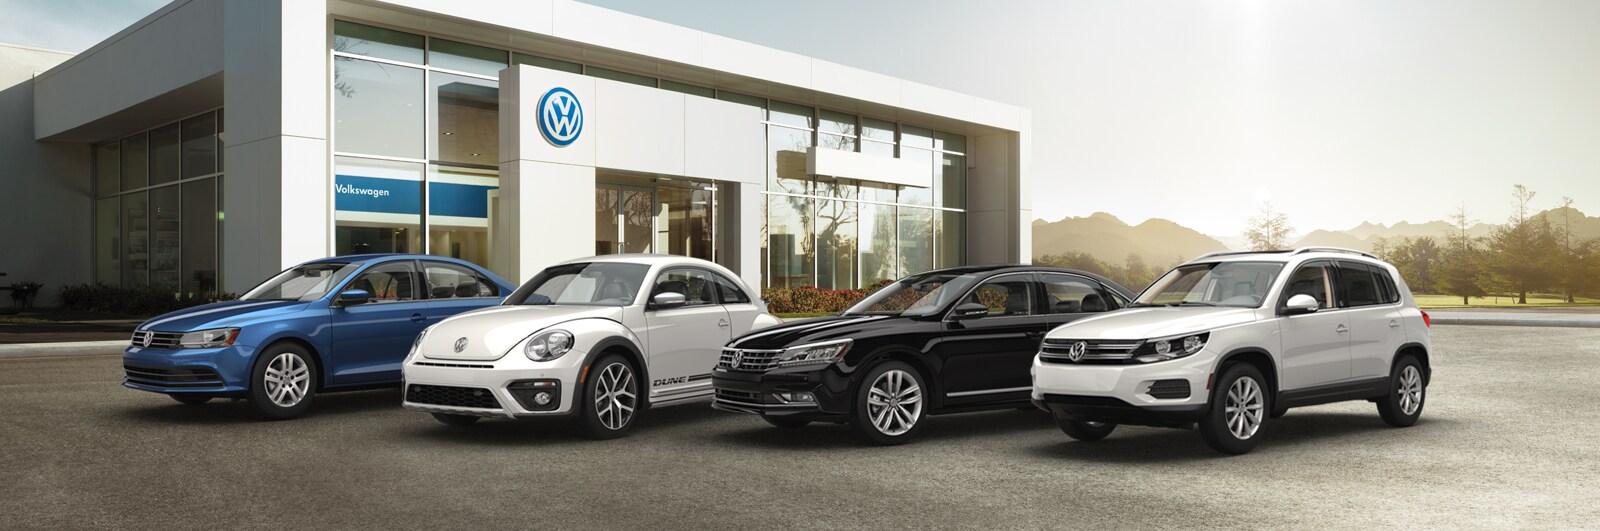 Orlando Area Volkswagen Dealership Car Repair Parts